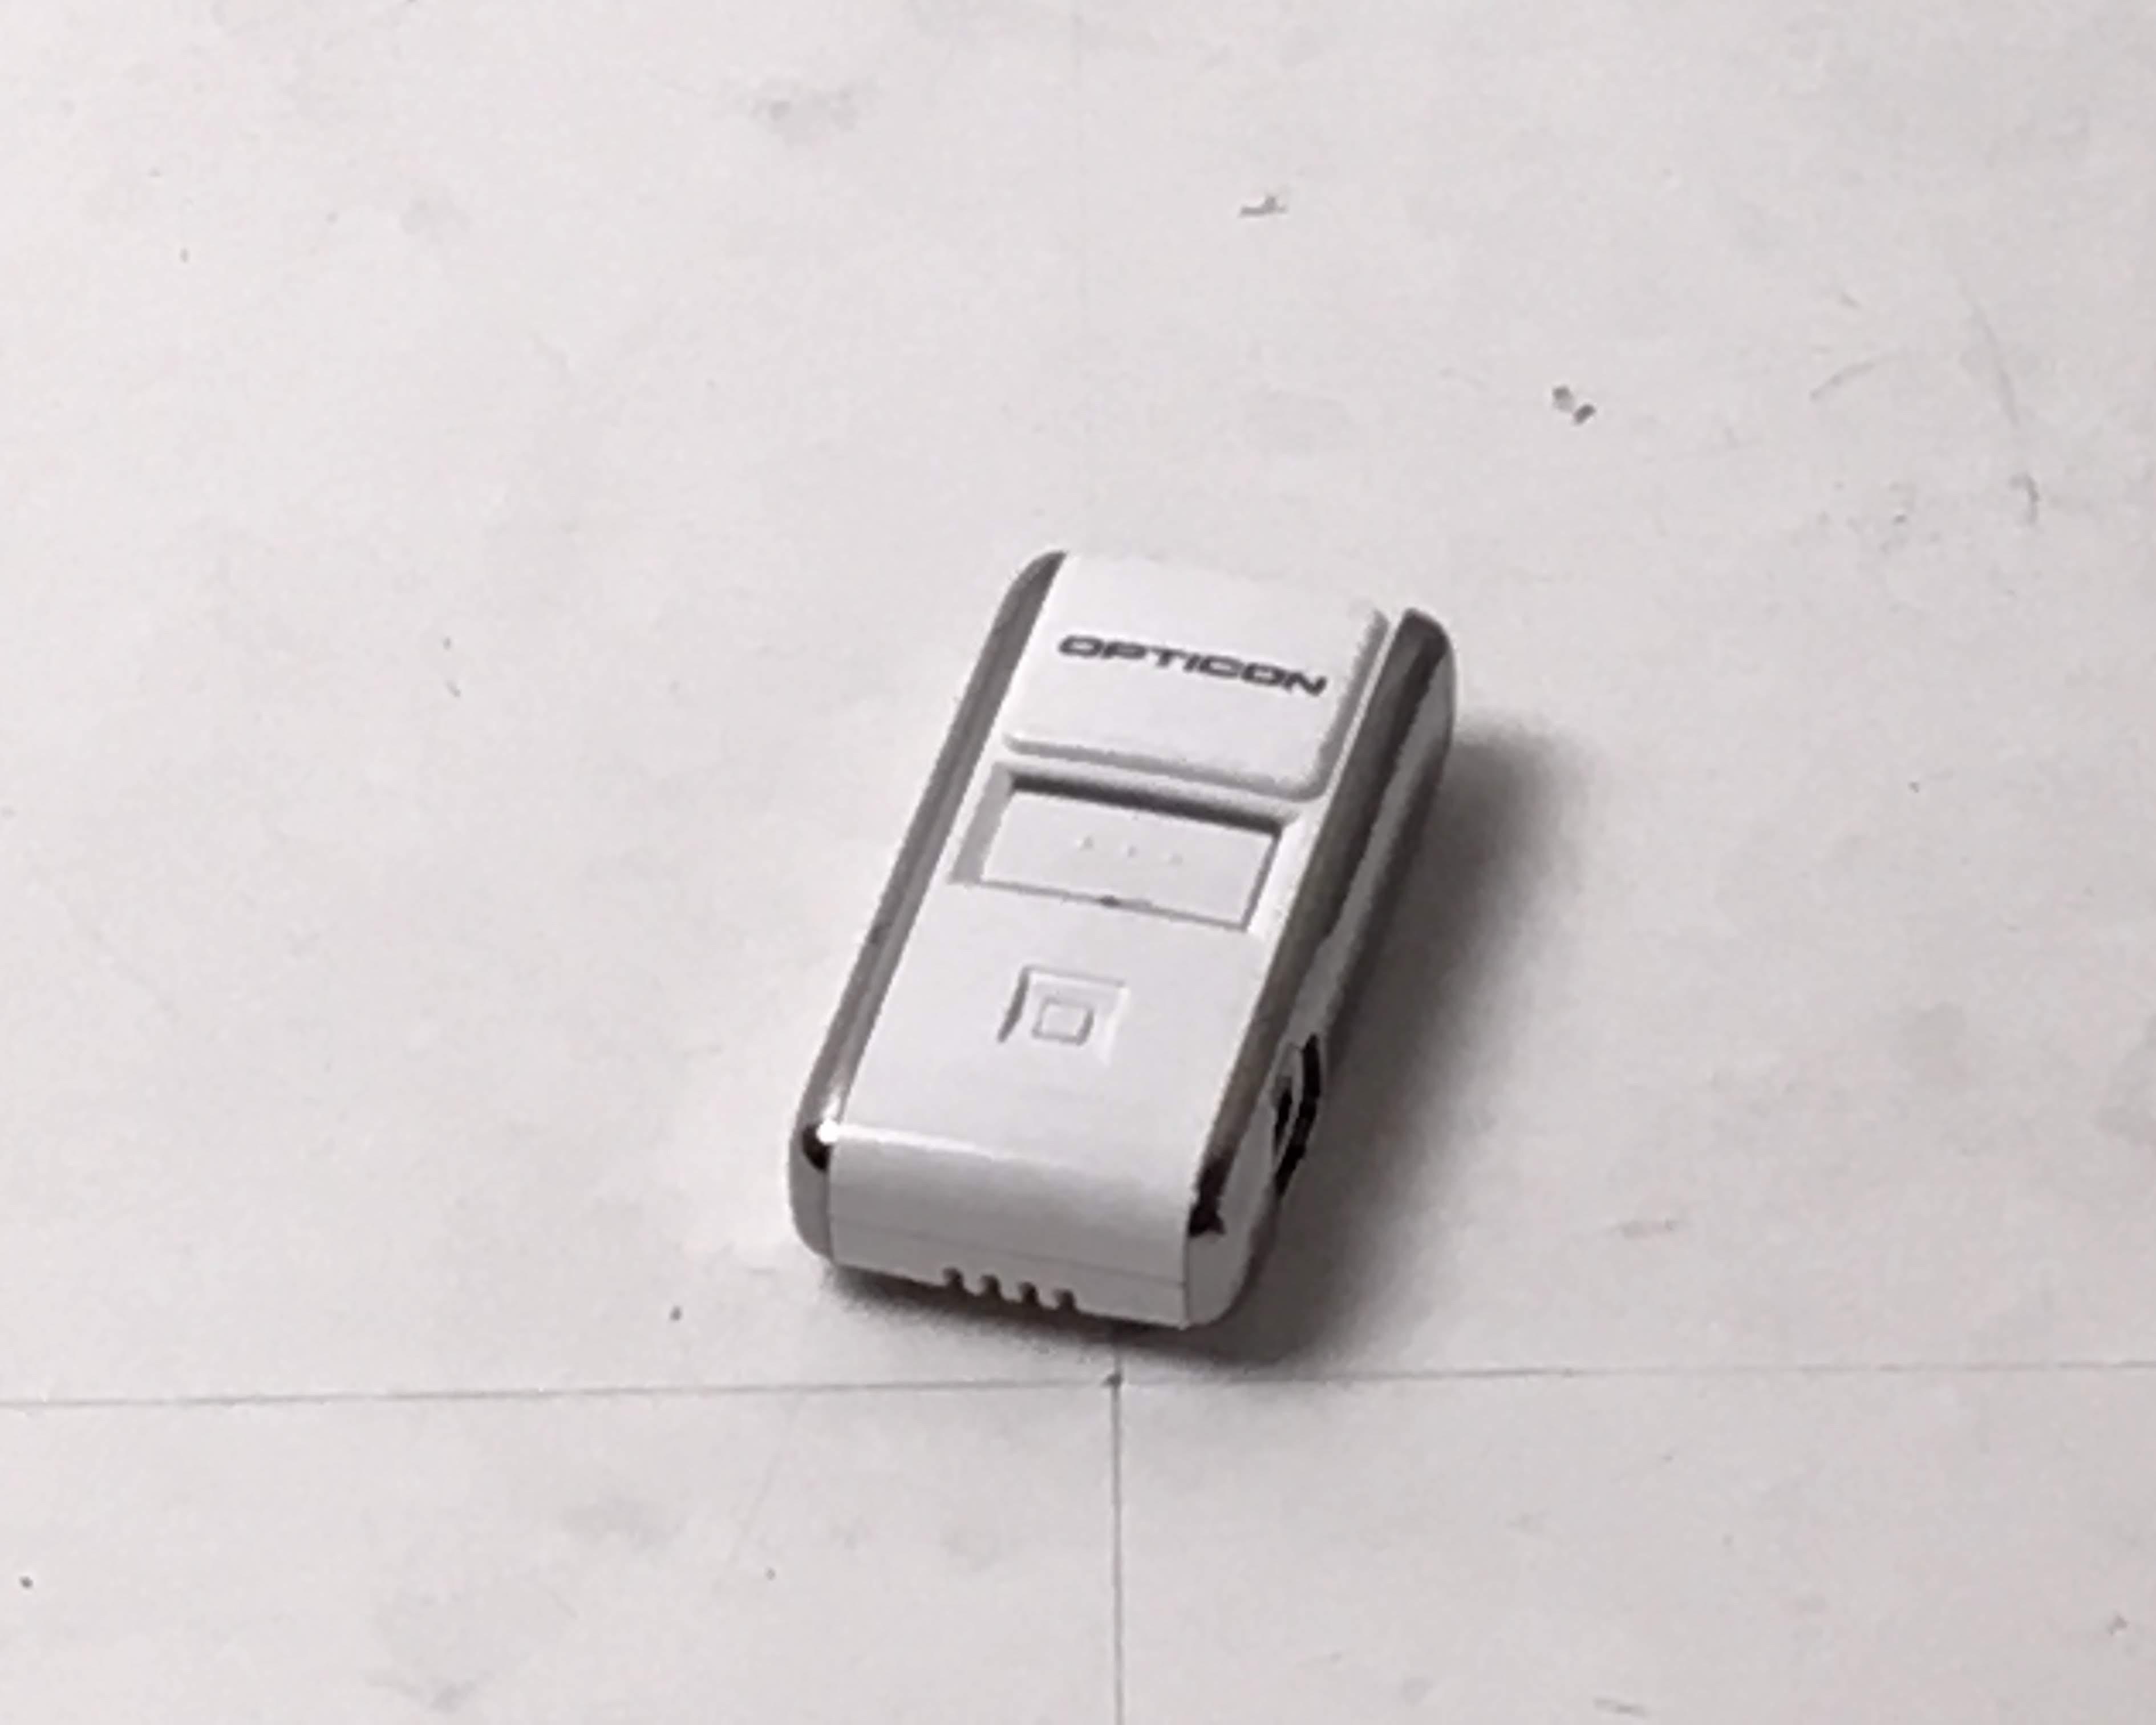 【お買得中古】OPTICON OPN-2002i メイン画像